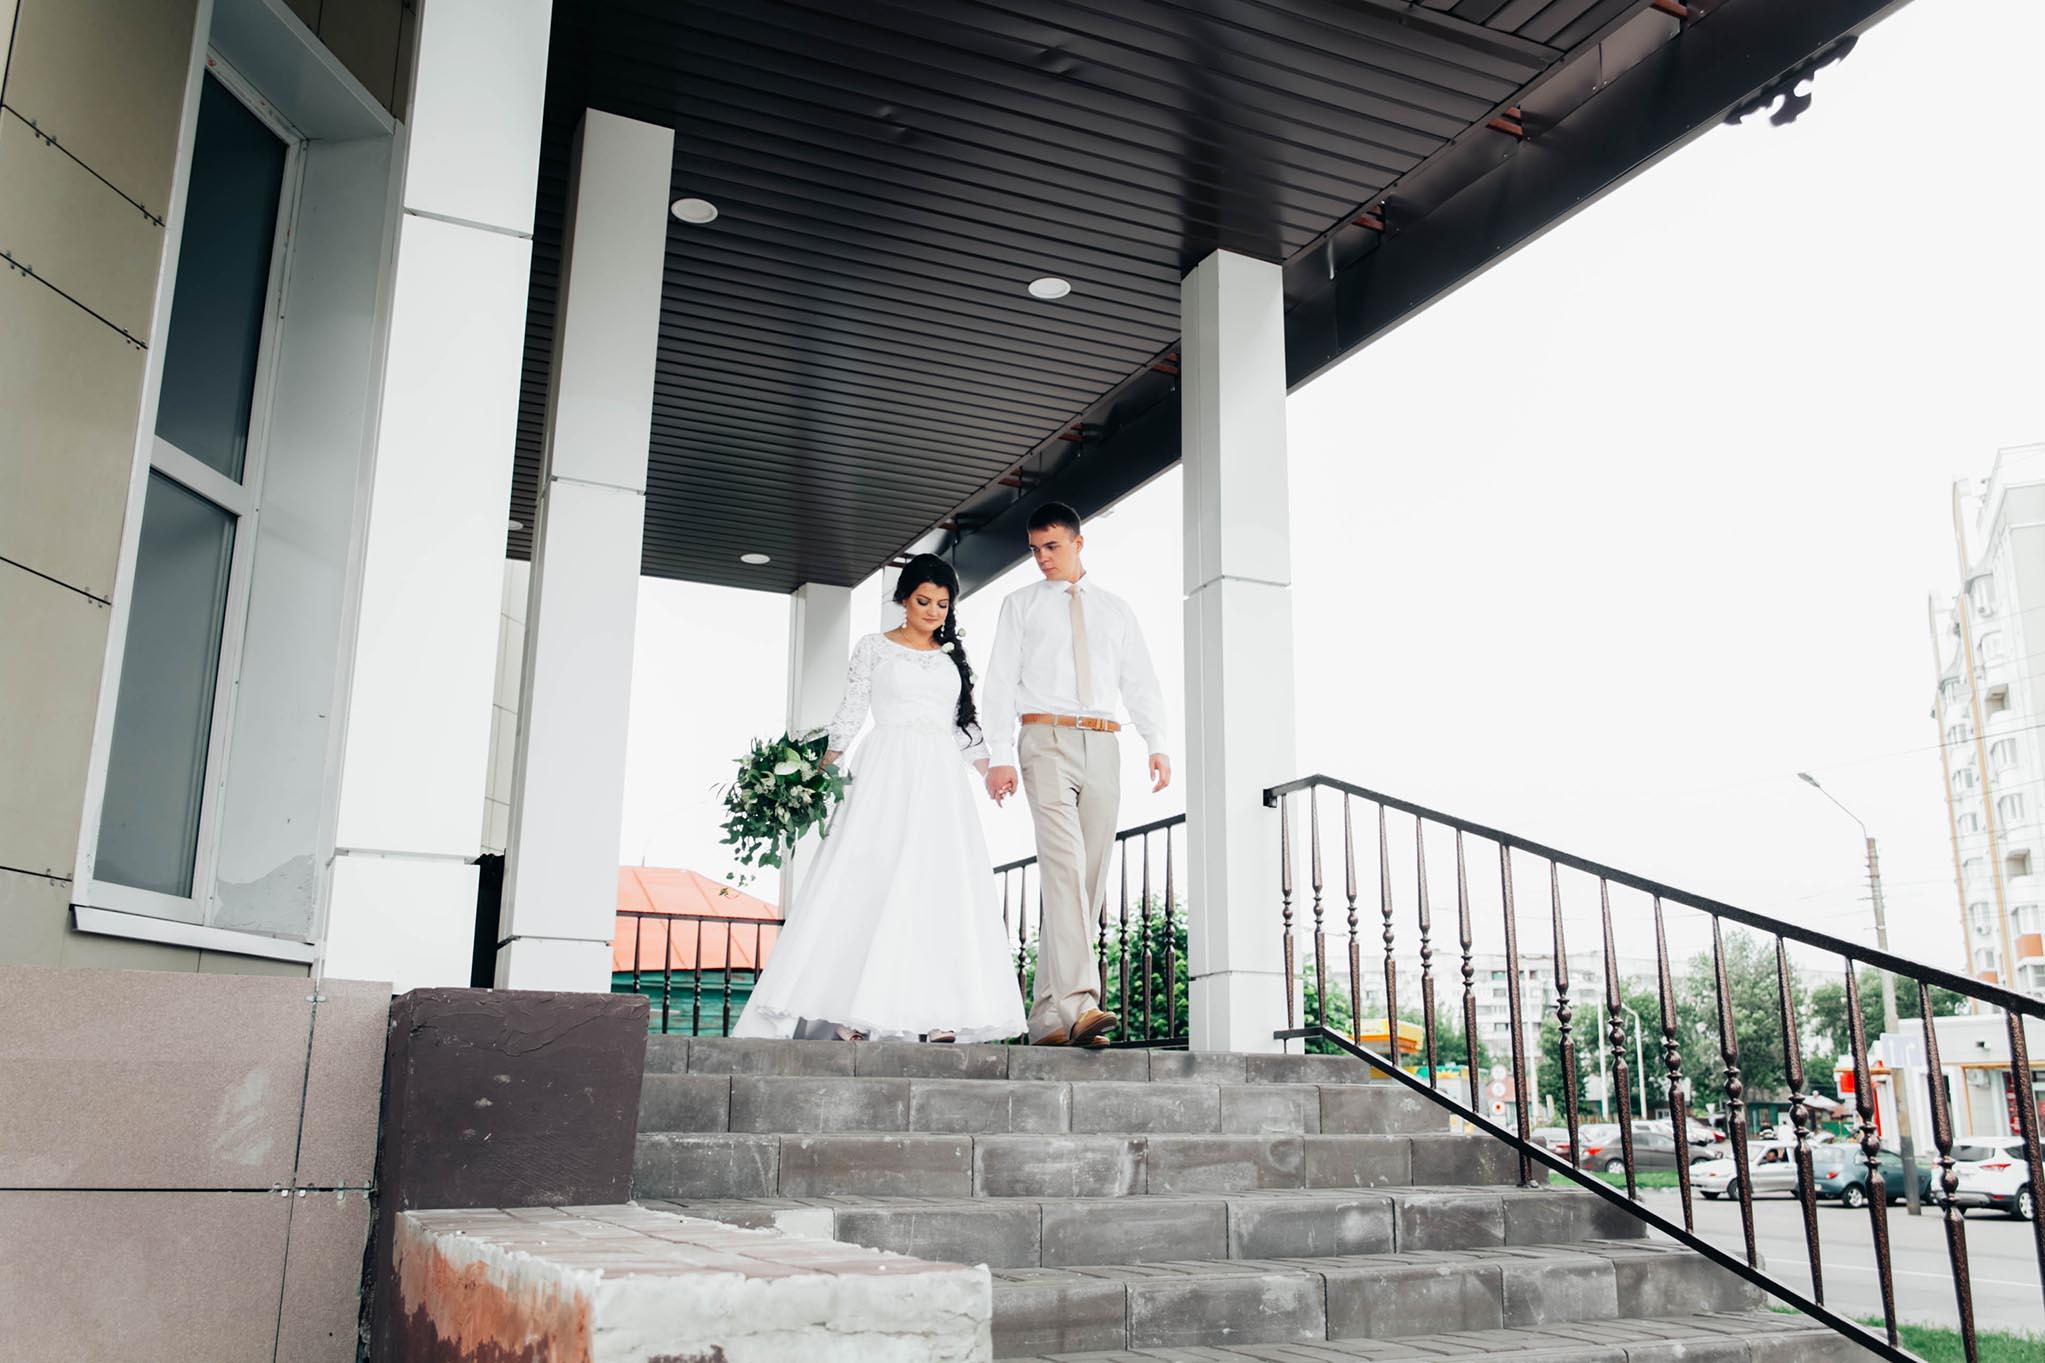 фотосъемка свадьбы Тамбов